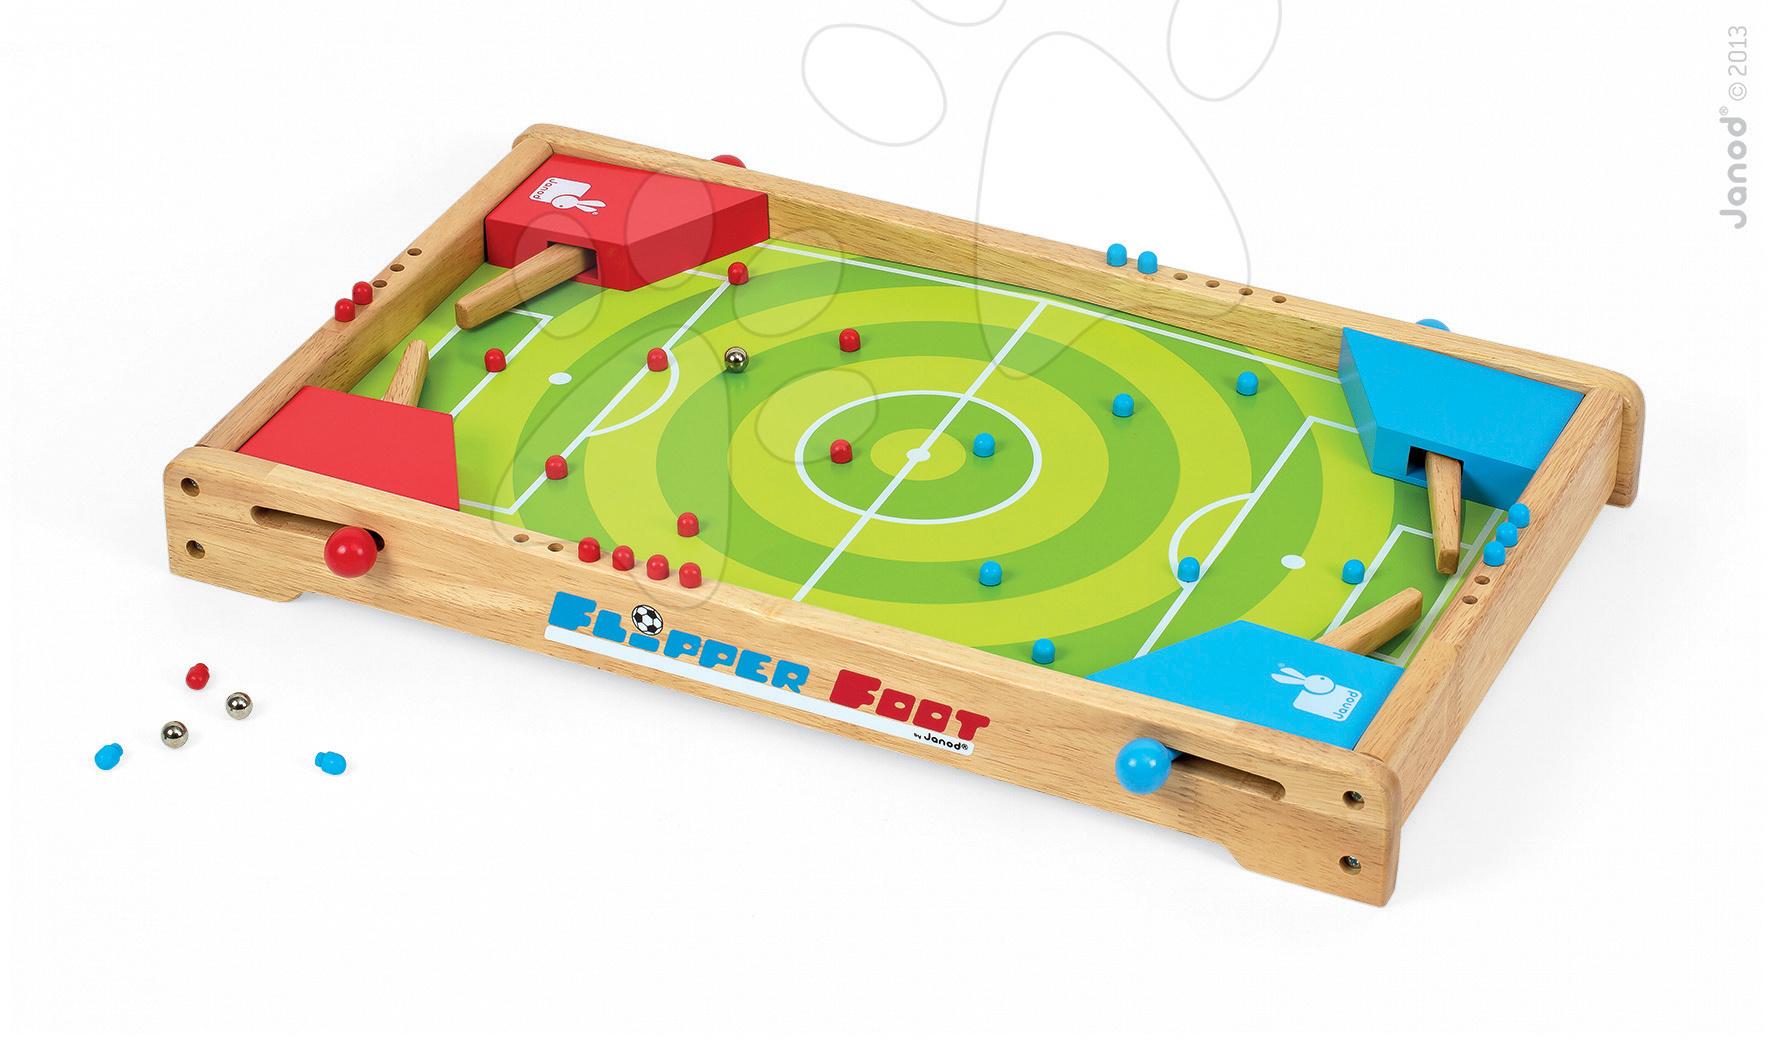 Dřevěný stolní fotbal Footbal Flipper Pinball Janod #VALUE!